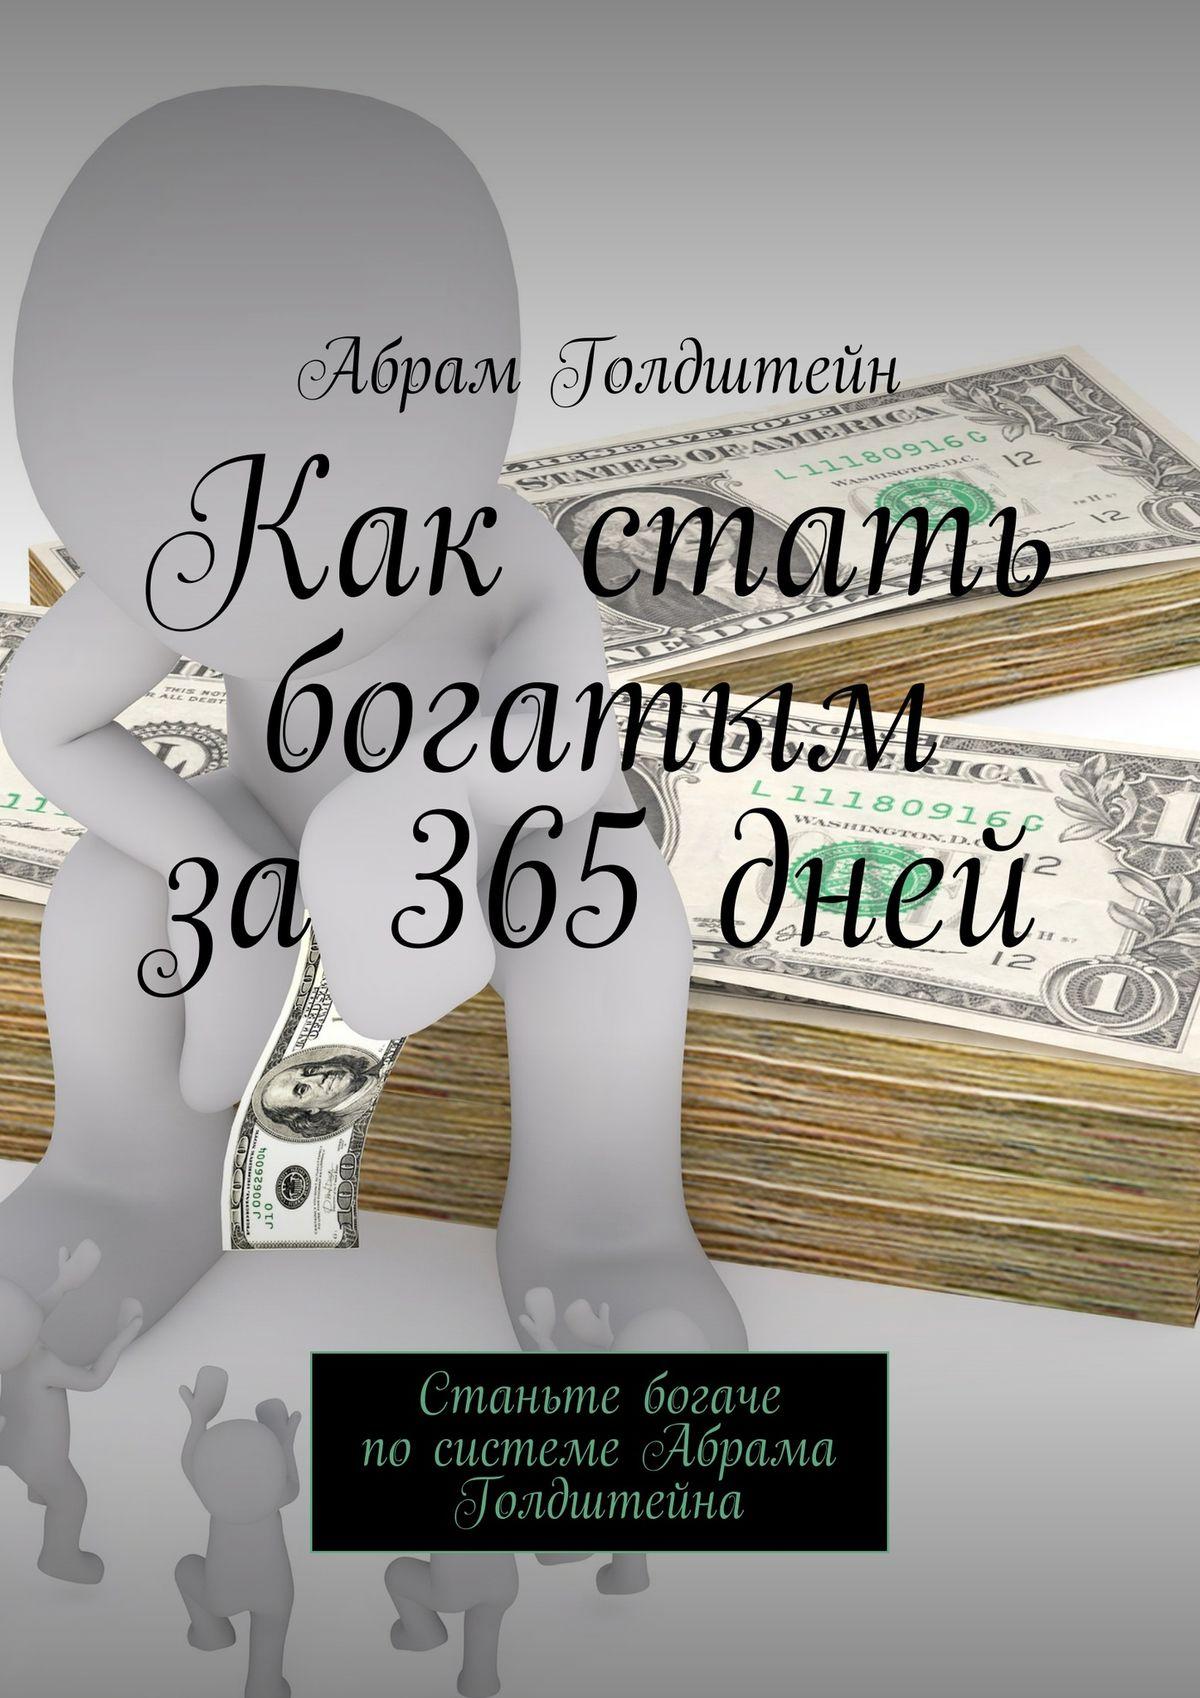 Абрам Голдштейн Как стать богатым за365дней. Станьте богаче посистеме Абрама Голдштейна